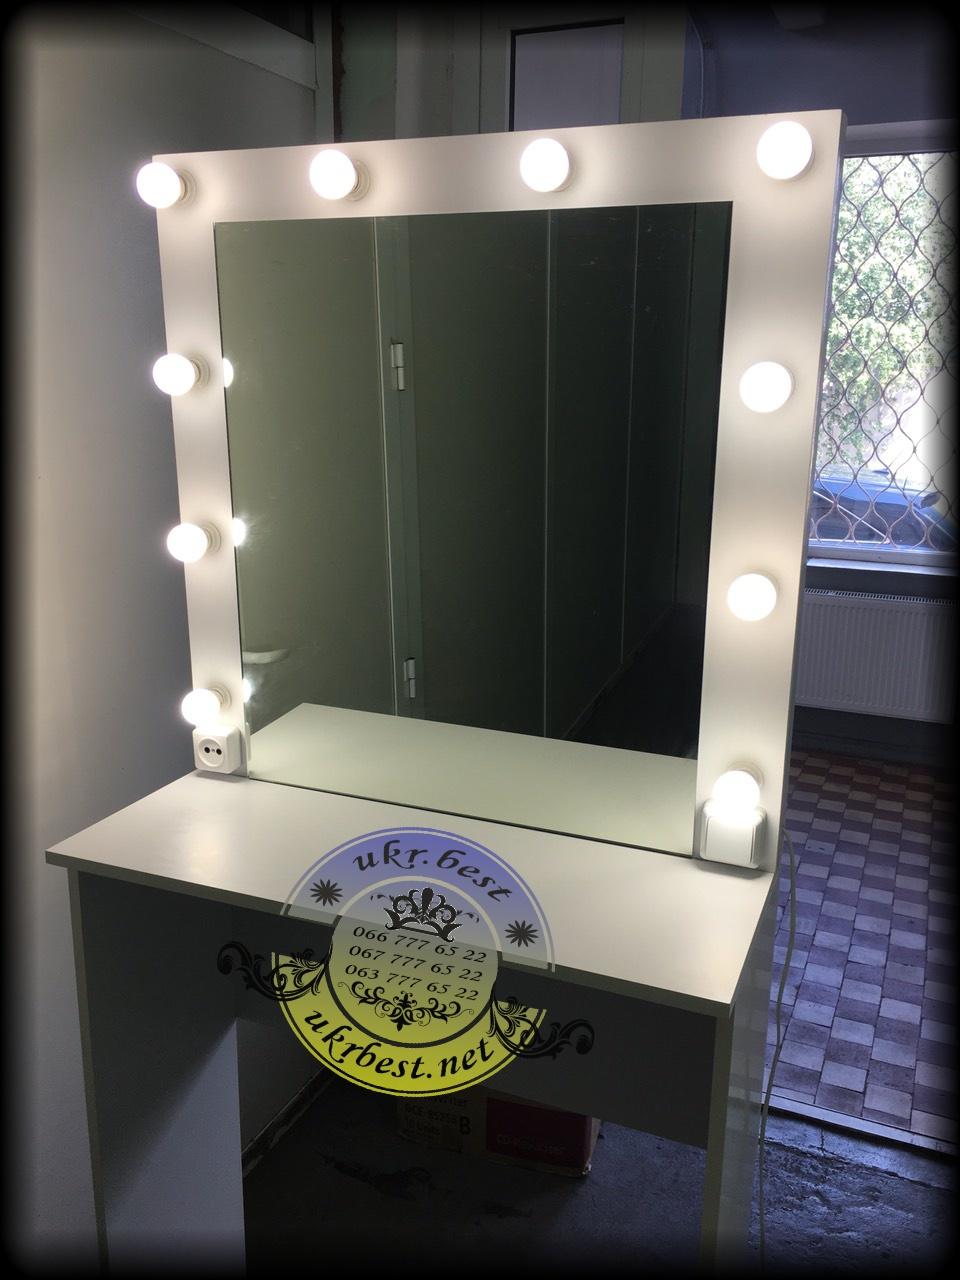 Зеркало для макияжа и стол визажиста - мебель UkrBest